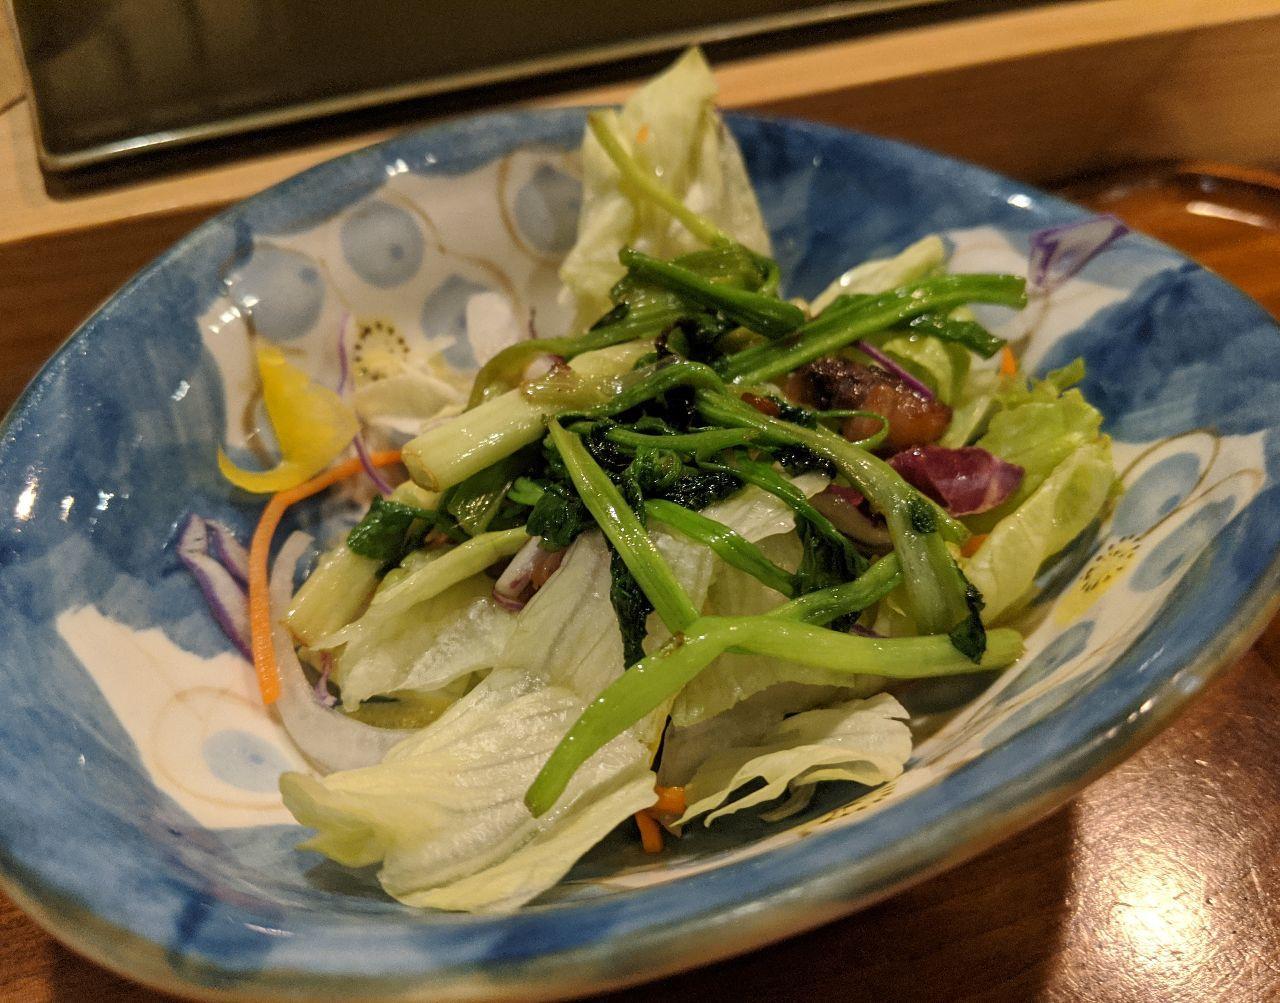 MVIMG_20200319_205231せりをマグロの脂で炒めたサラダ